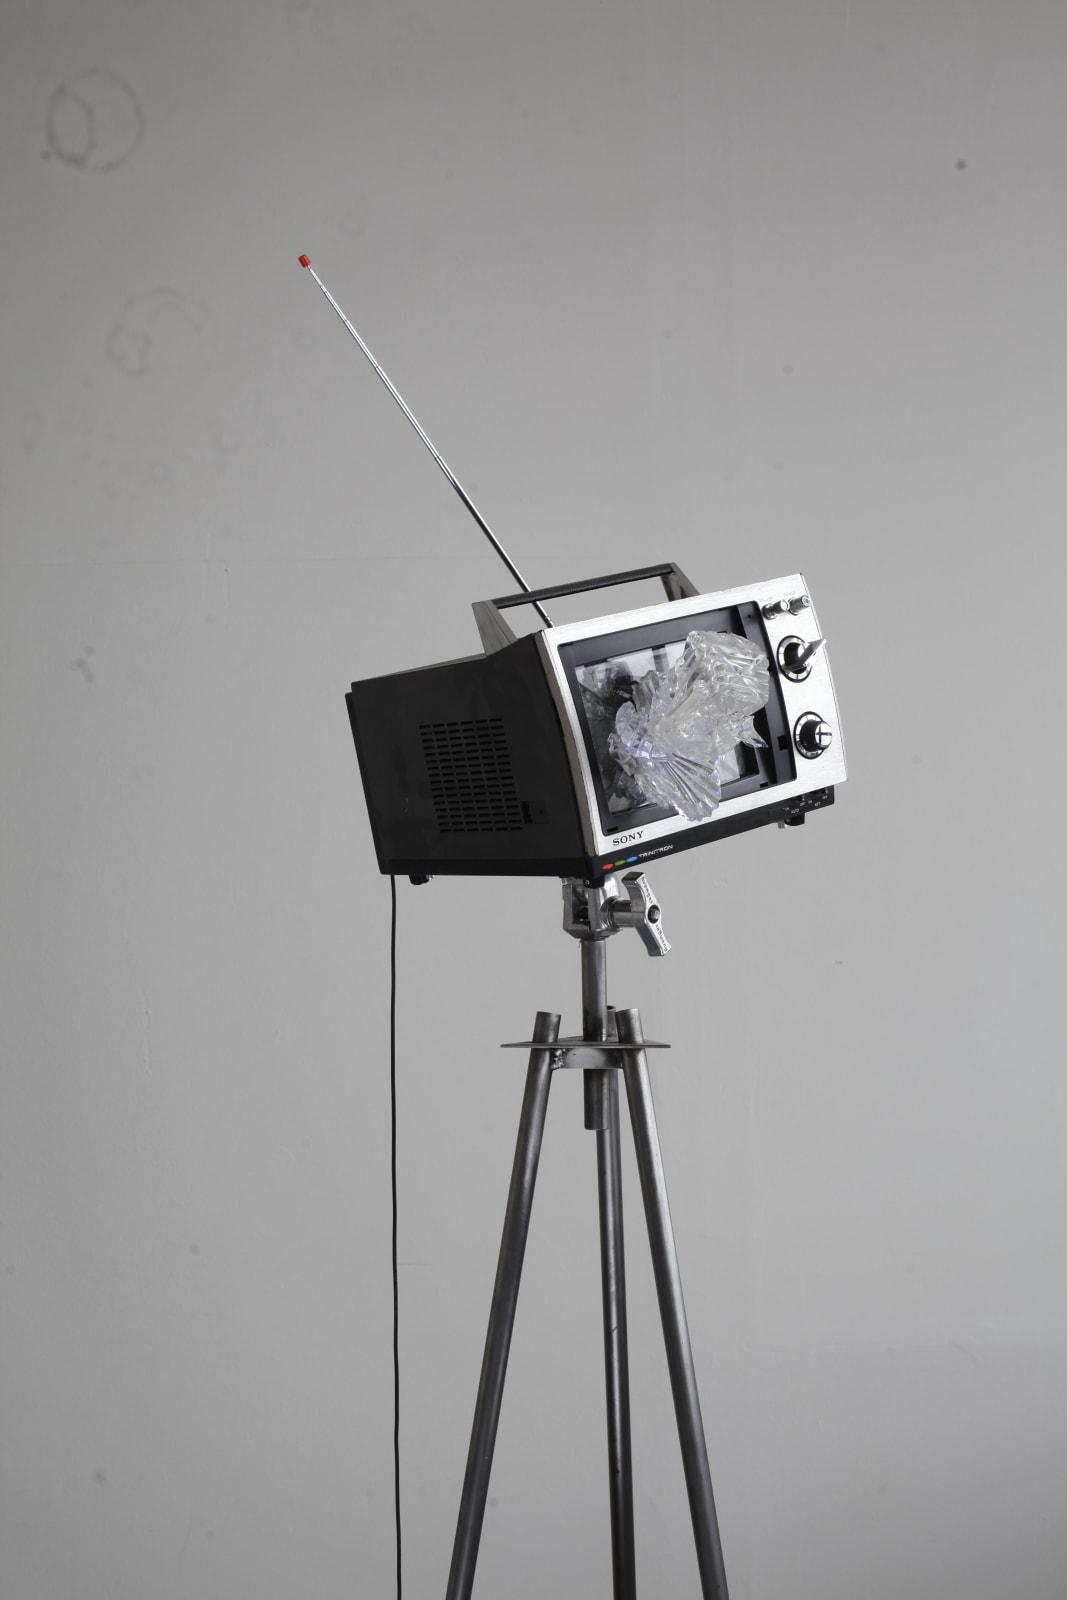 Richard Weisner, Sony, 2017-2018, tv, mixed media, glass, cm 50 x 35 x 40, tripod cm 60 x 60 x 160